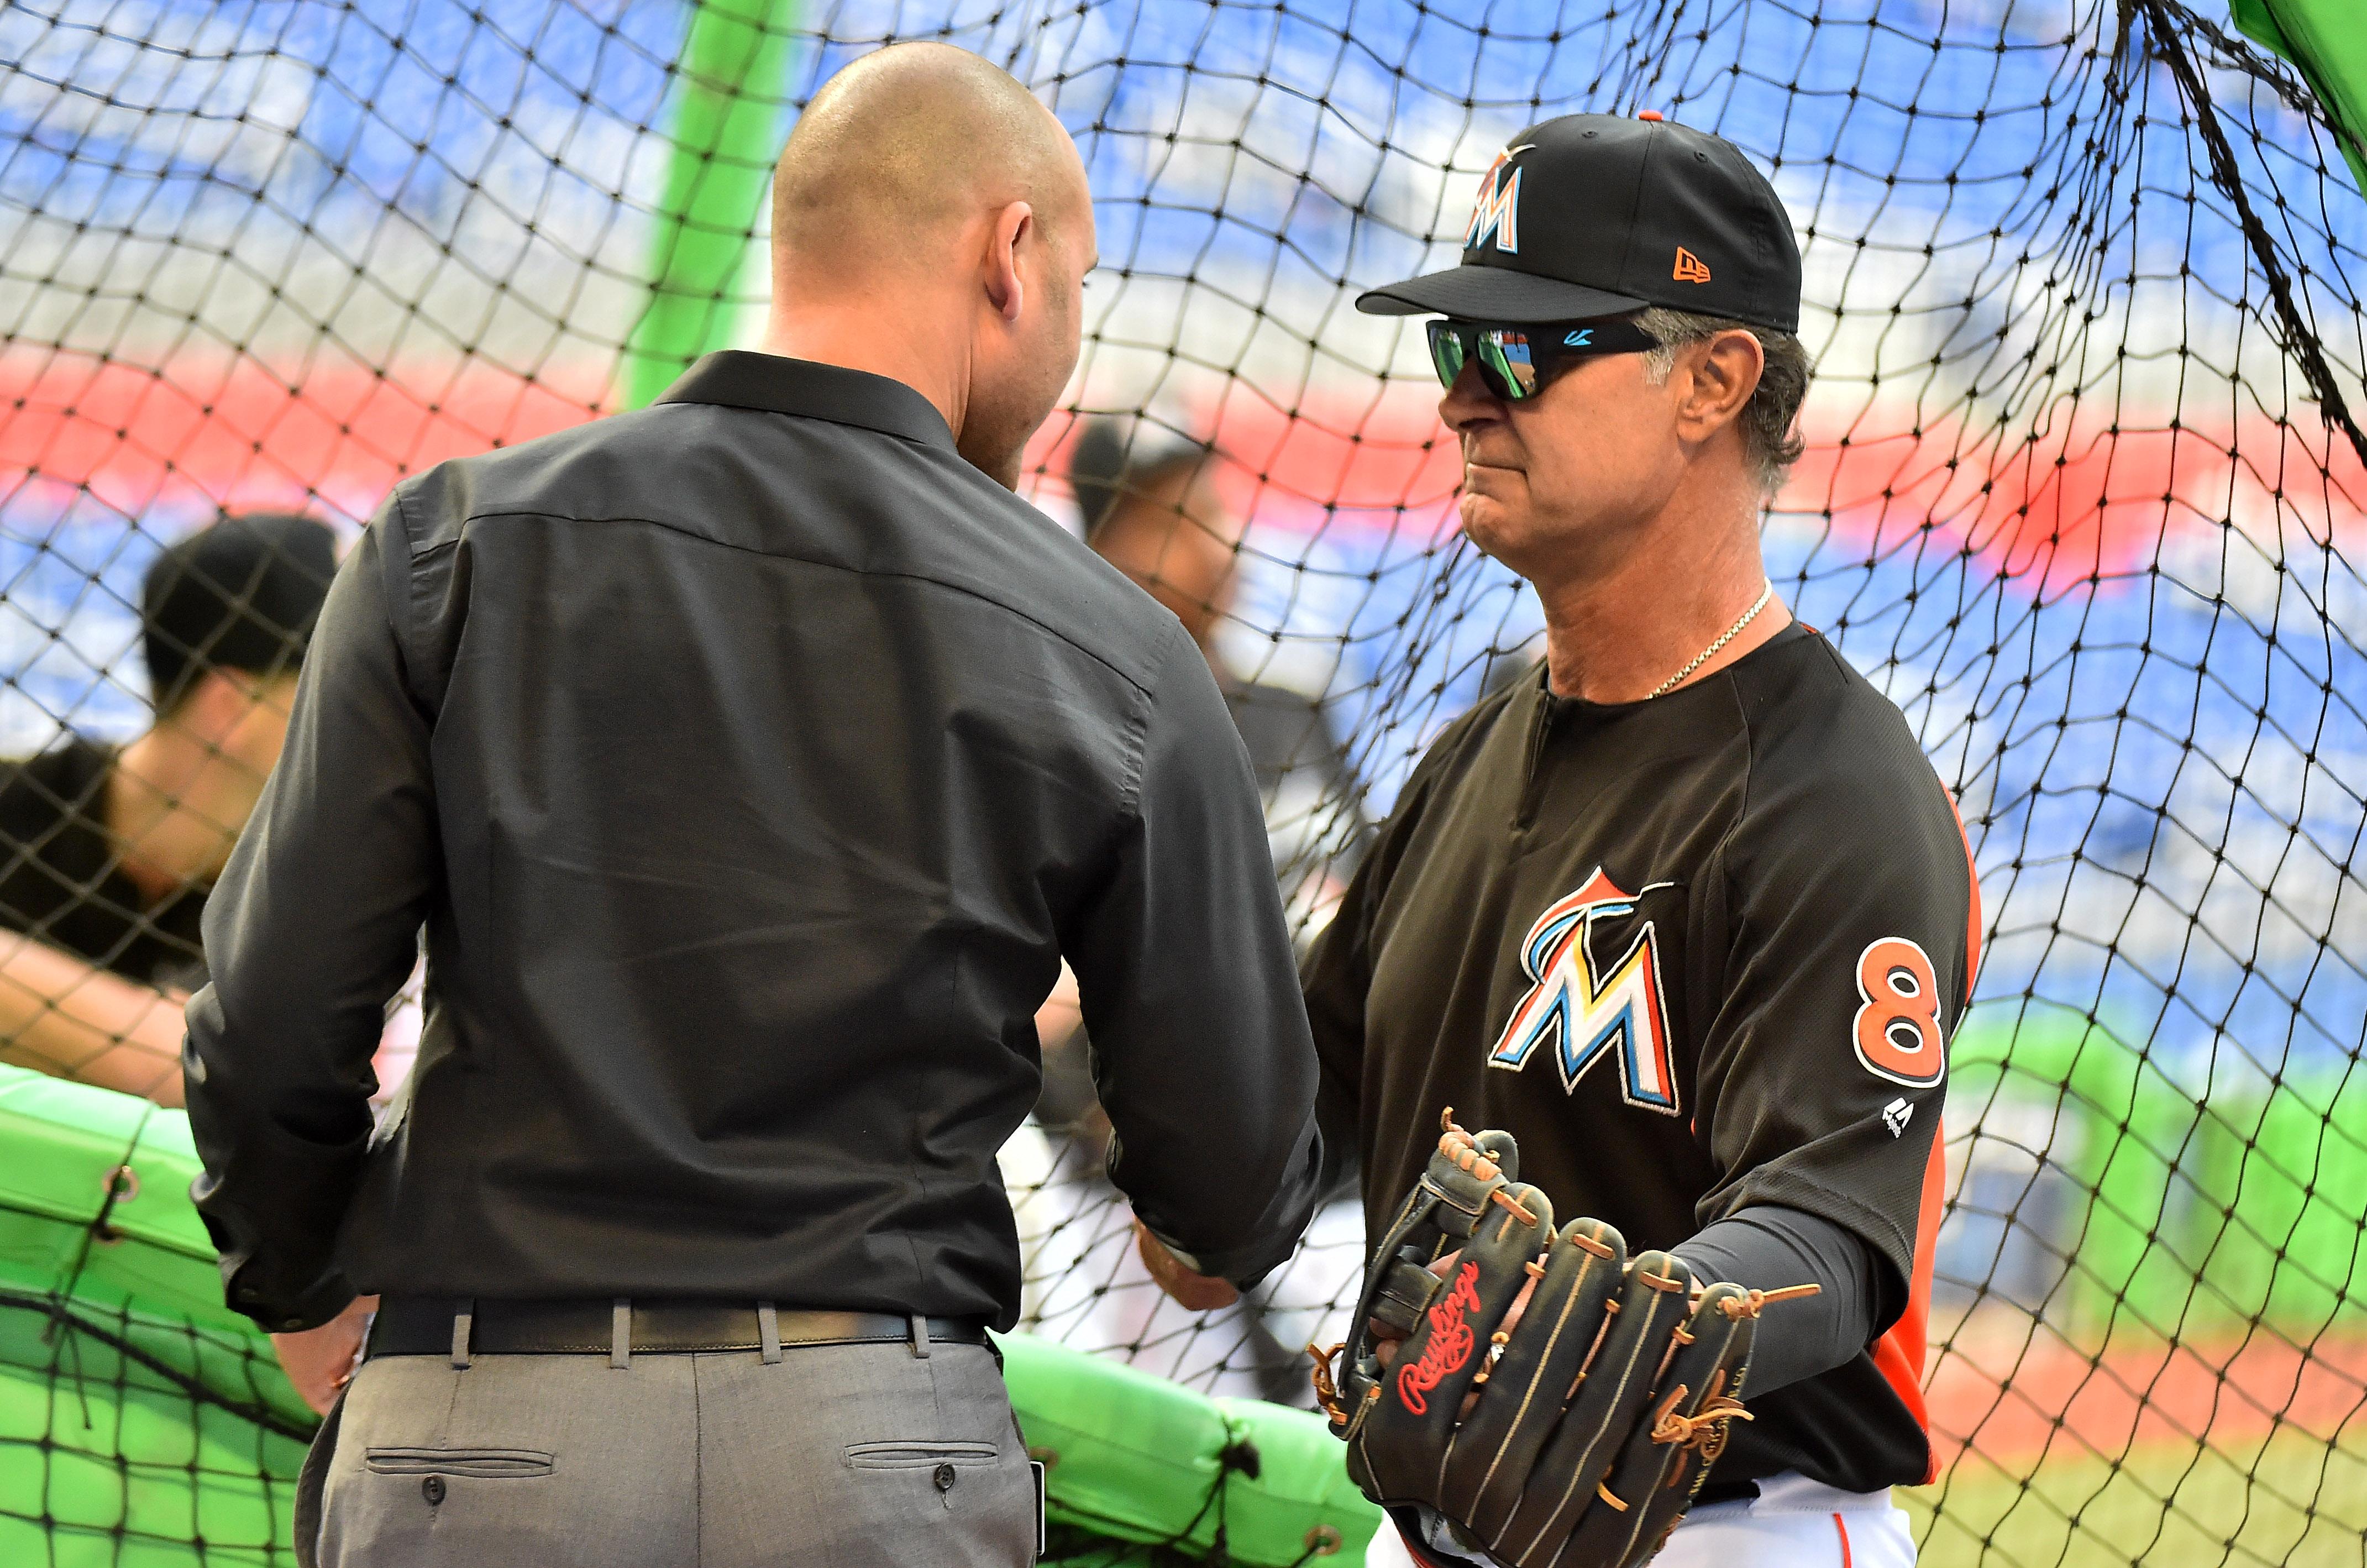 MLB: Pittsburgh Pirates at Miami Marlins